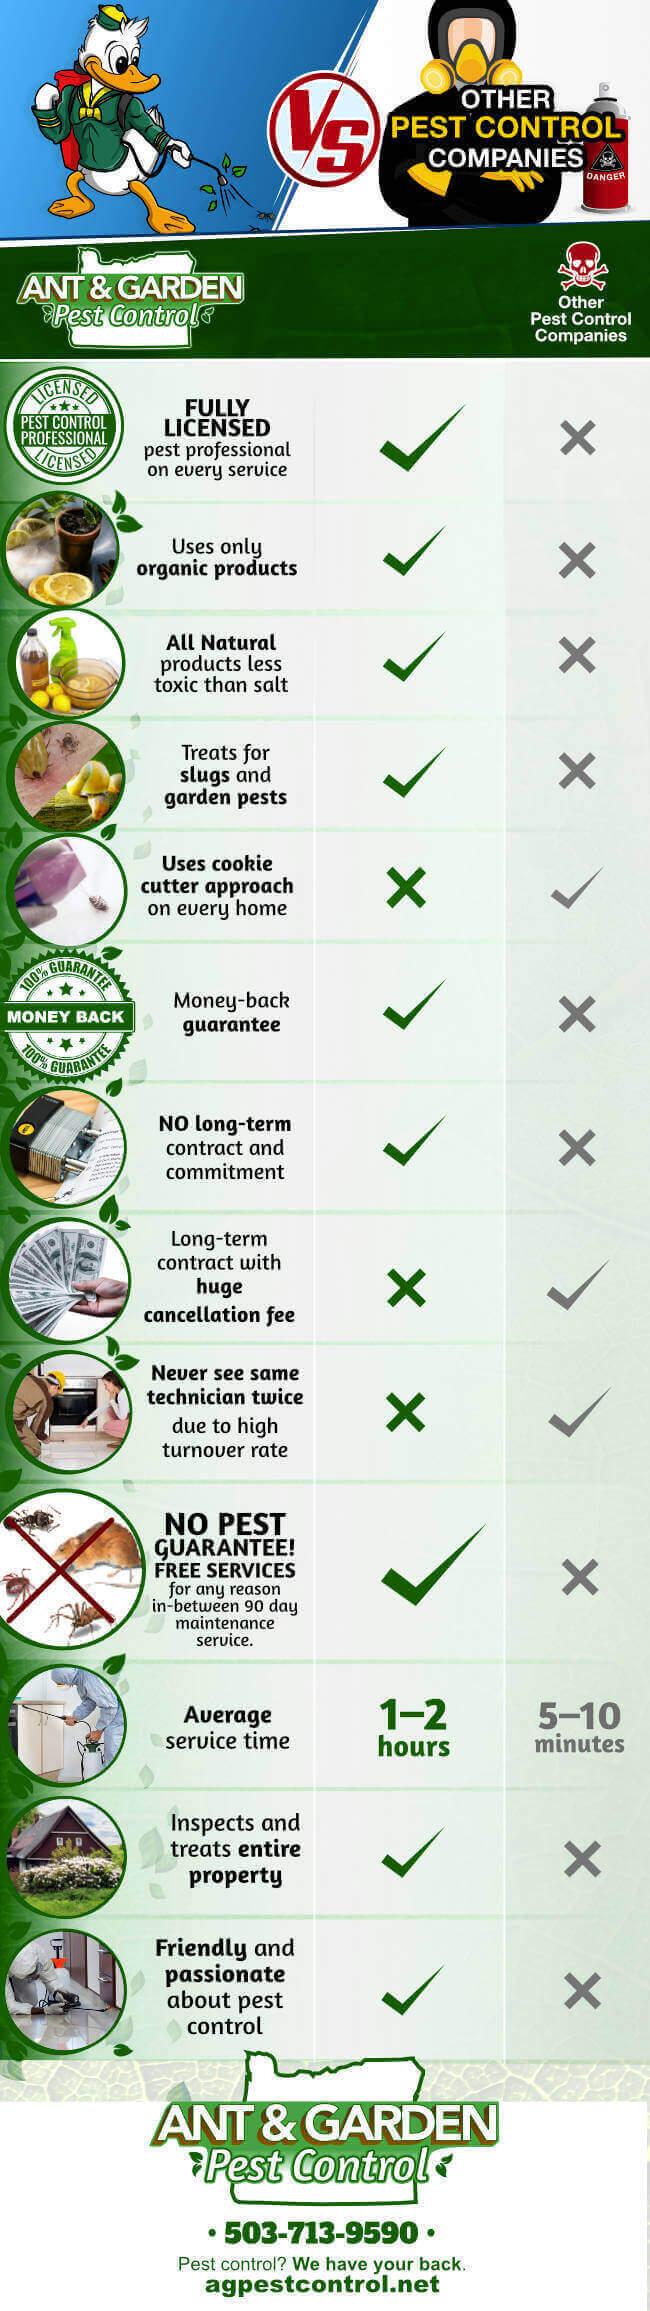 Ant & Garden Pest Control Advantage